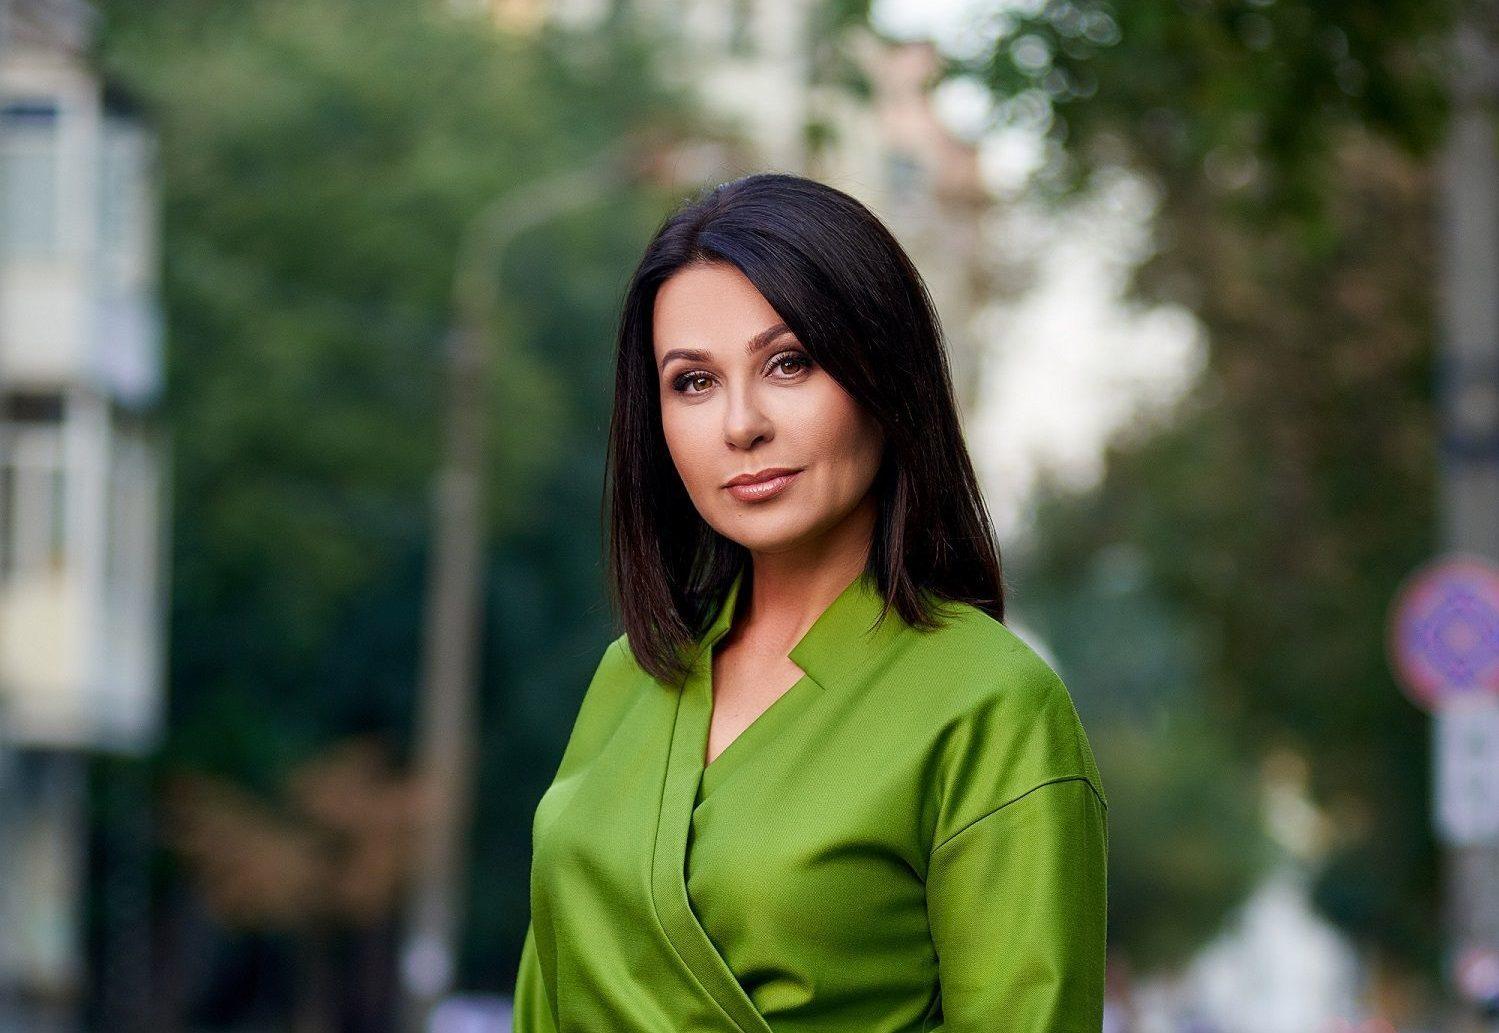 Наталья мосейчук фото декольте